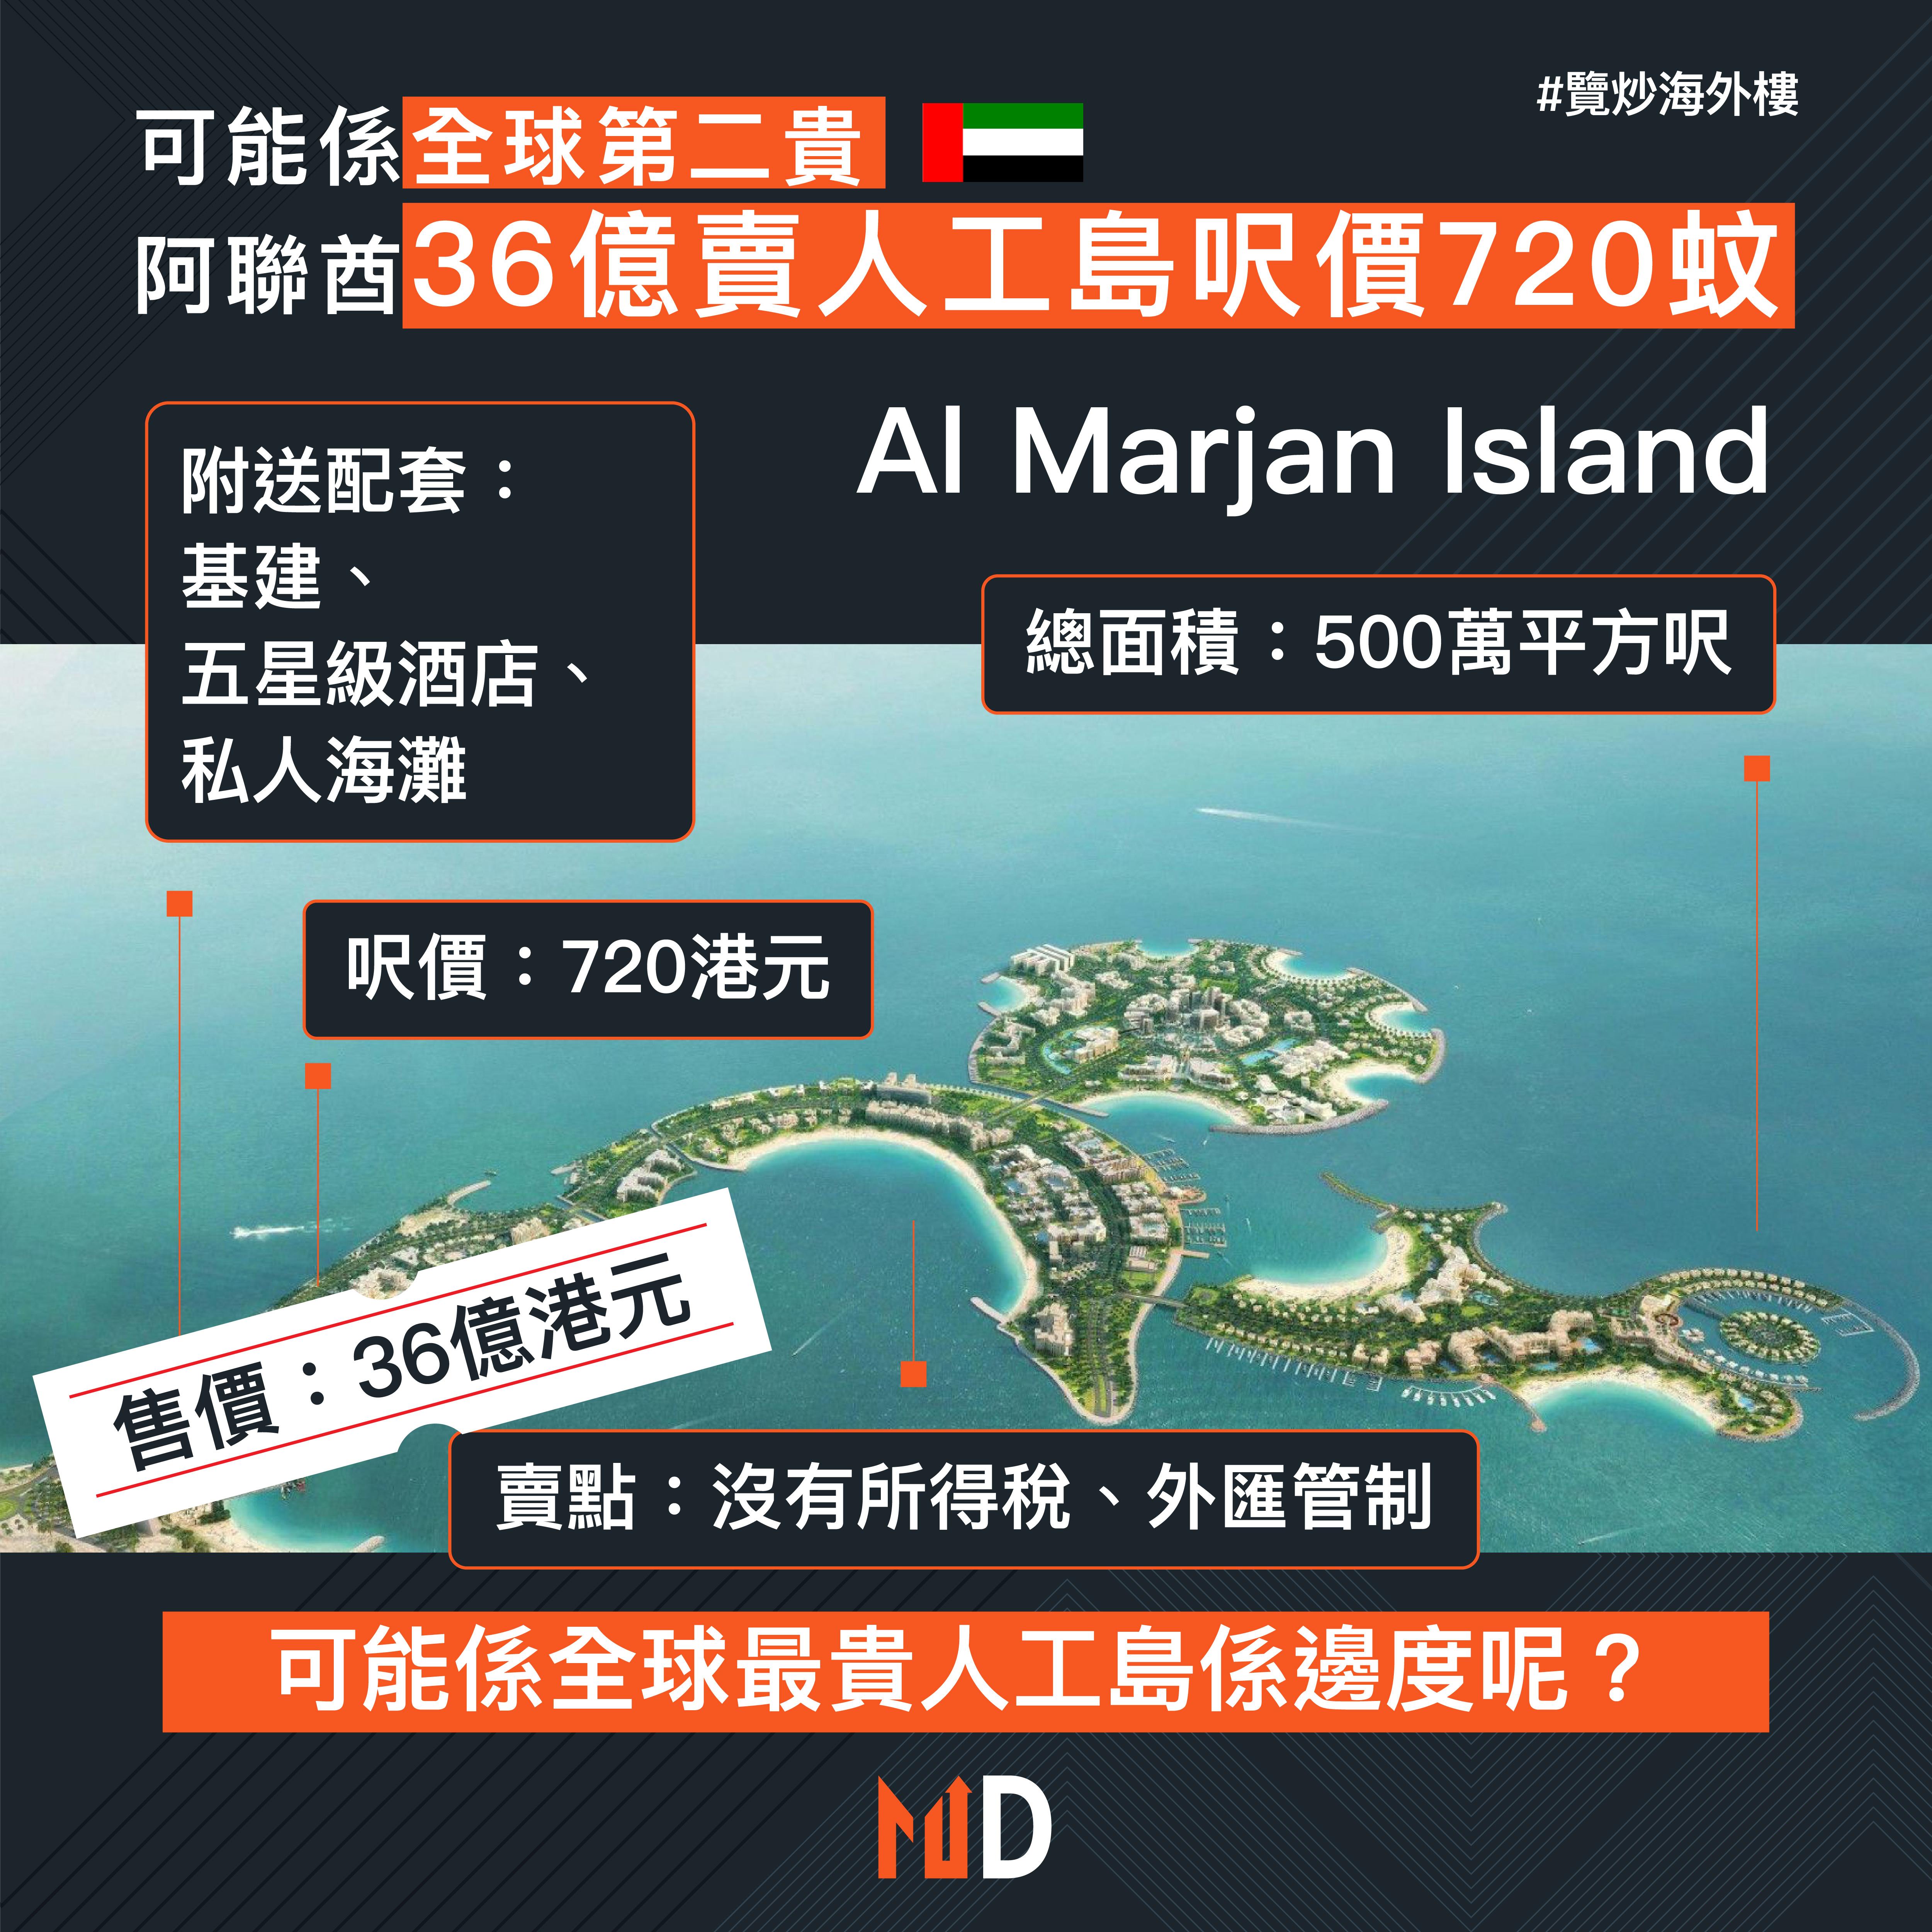 【覽炒海外樓】可能係全球第二貴 阿聯酋36億賣人工島呎價720蚊